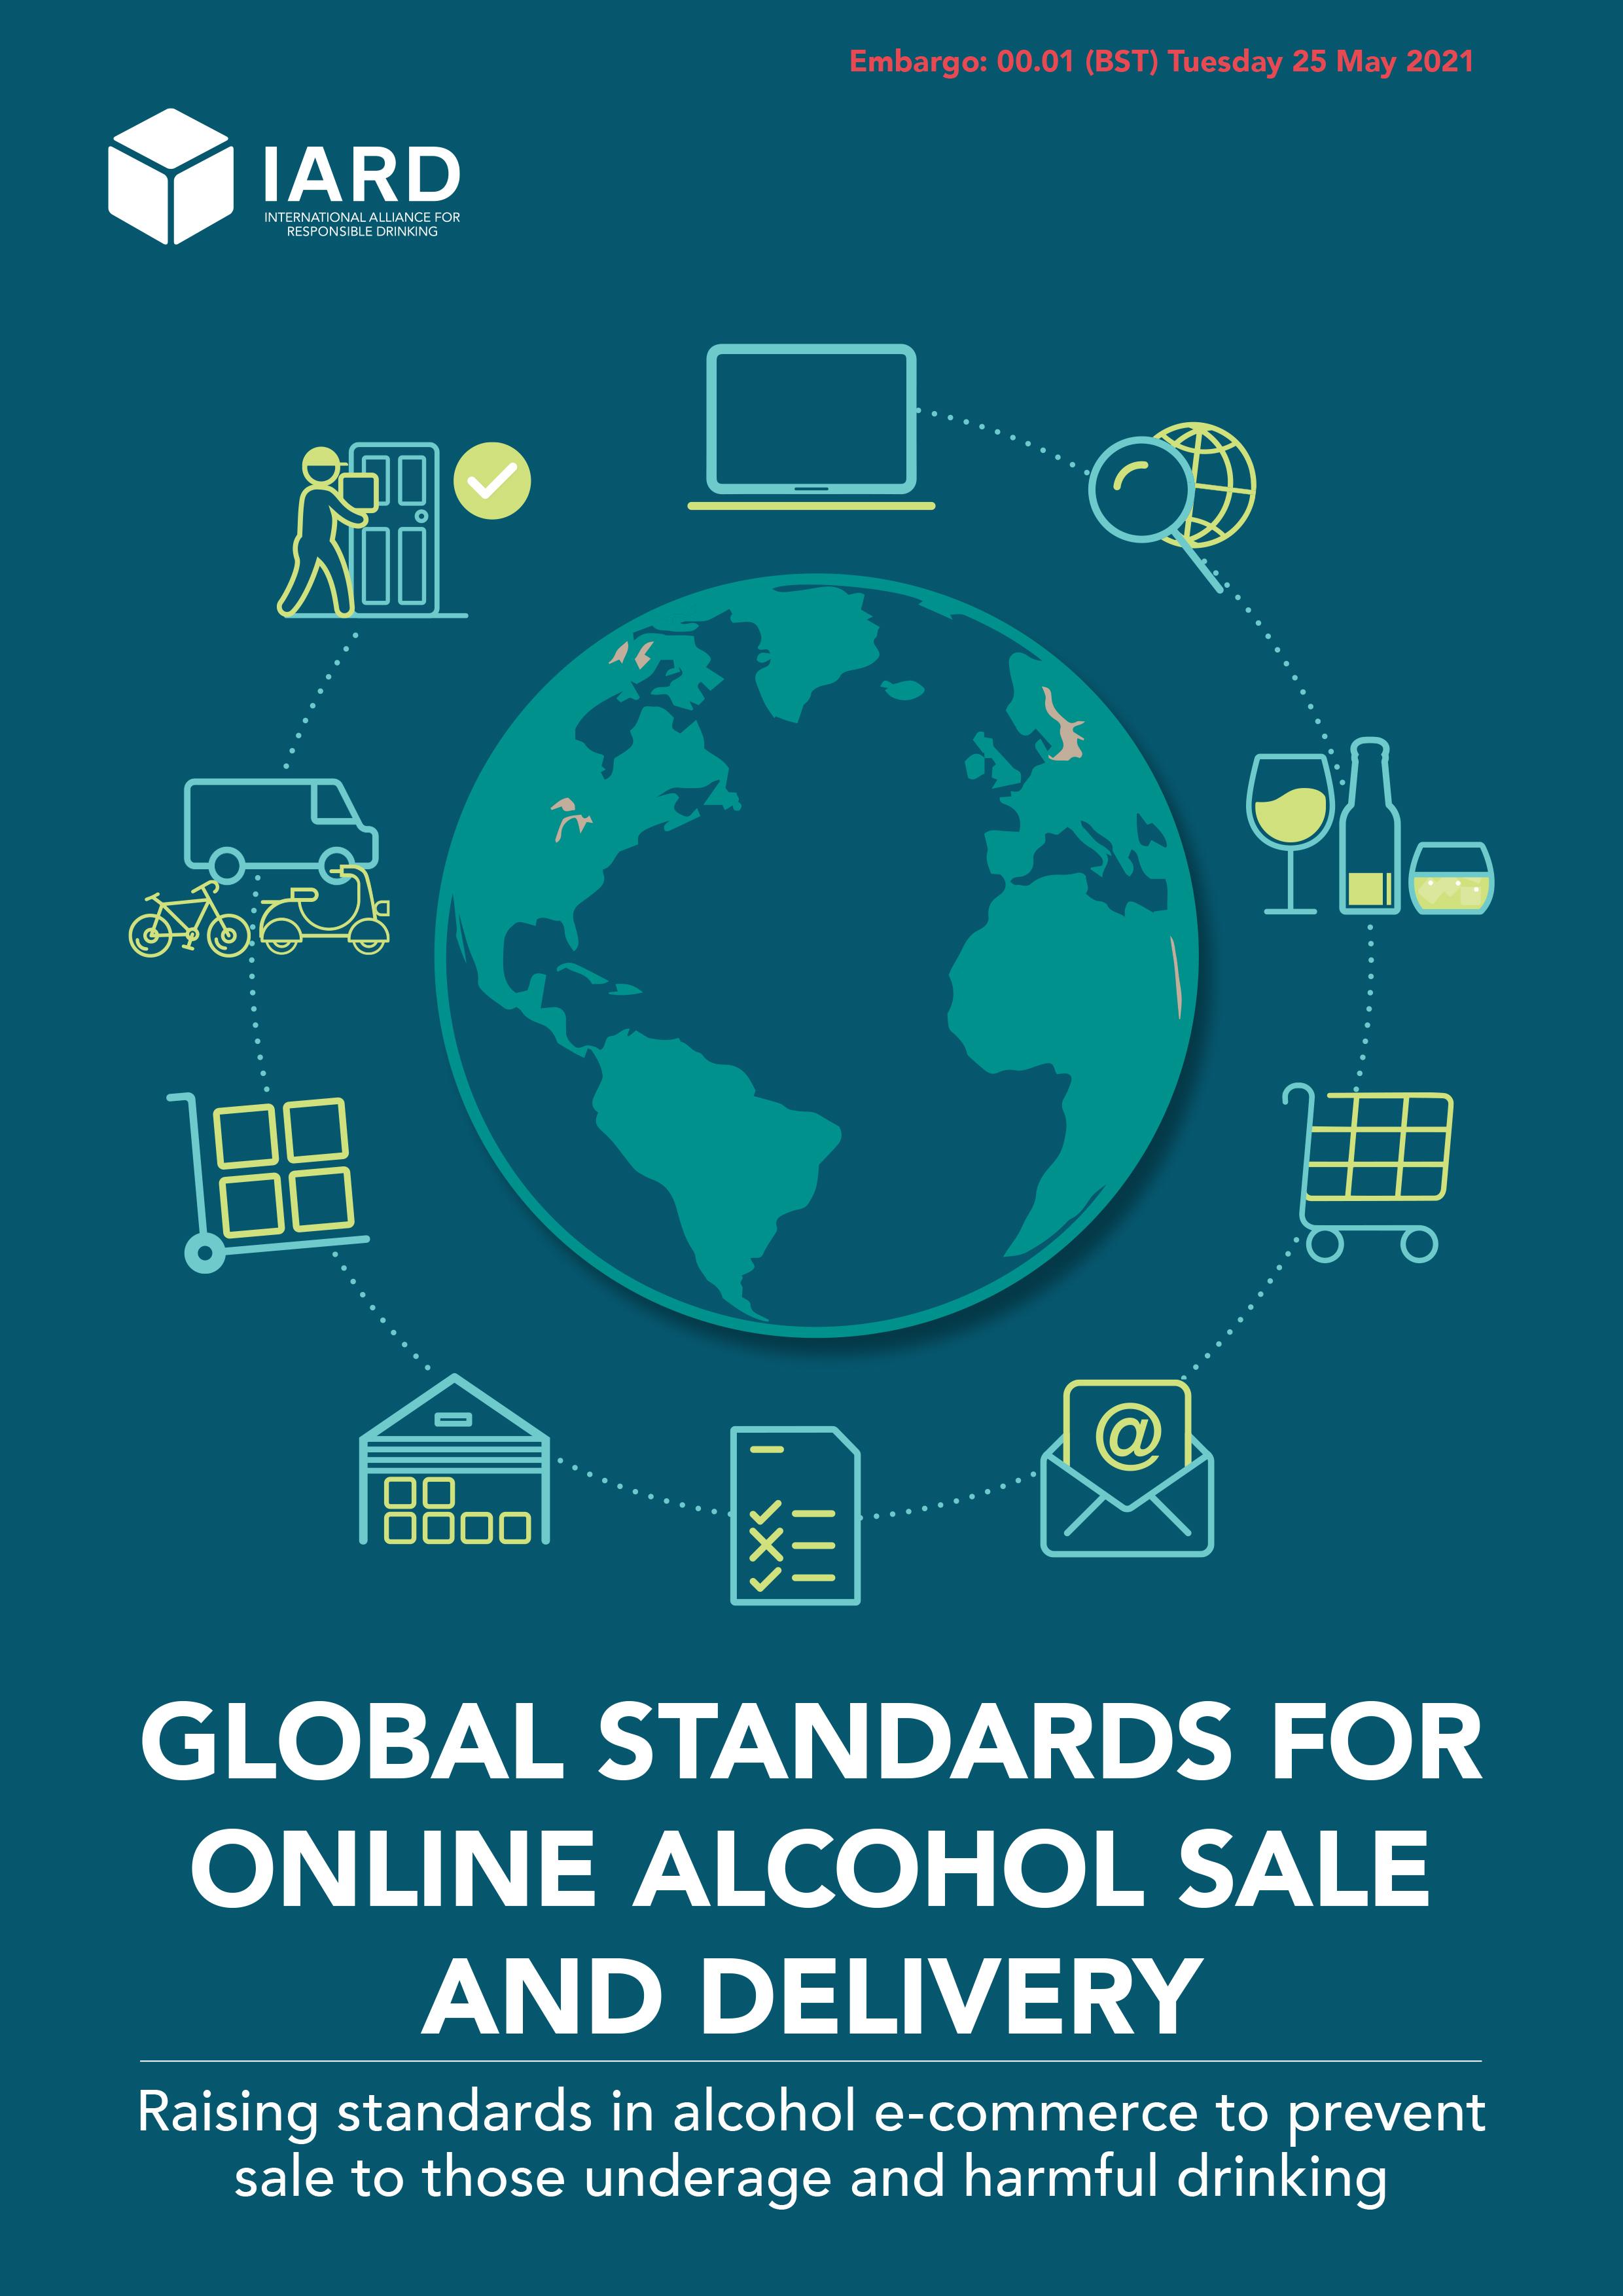 มาตรฐานสากลสำหรับการจำหน่ายเครื่องดื่มแอลกอฮอล์ออลไลน์และการจัดส่งโดย IARD หรือ สมาพันธ์เพื่อการดื่มอย่างรับผิดชอบนานาชาติ,มาตรฐานสากลสำหรับการจำหน่ายเครื่องดื่มแอลกอฮอล์ออลไลน์และการจัดส่งโดย IARD หรือ สมาพันธ์เพื่อการดื่มอย่างรับผิดชอบนานาชาติ,มาตรฐานสากลสำหรับการจำหน่ายเครื่องดื่มแอลกอฮอล์ออลไลน์และการจัดส่งโดย IARD หรือ สมาพันธ์เพื่อการดื่มอย่างรับผิดชอบนานาชาติ